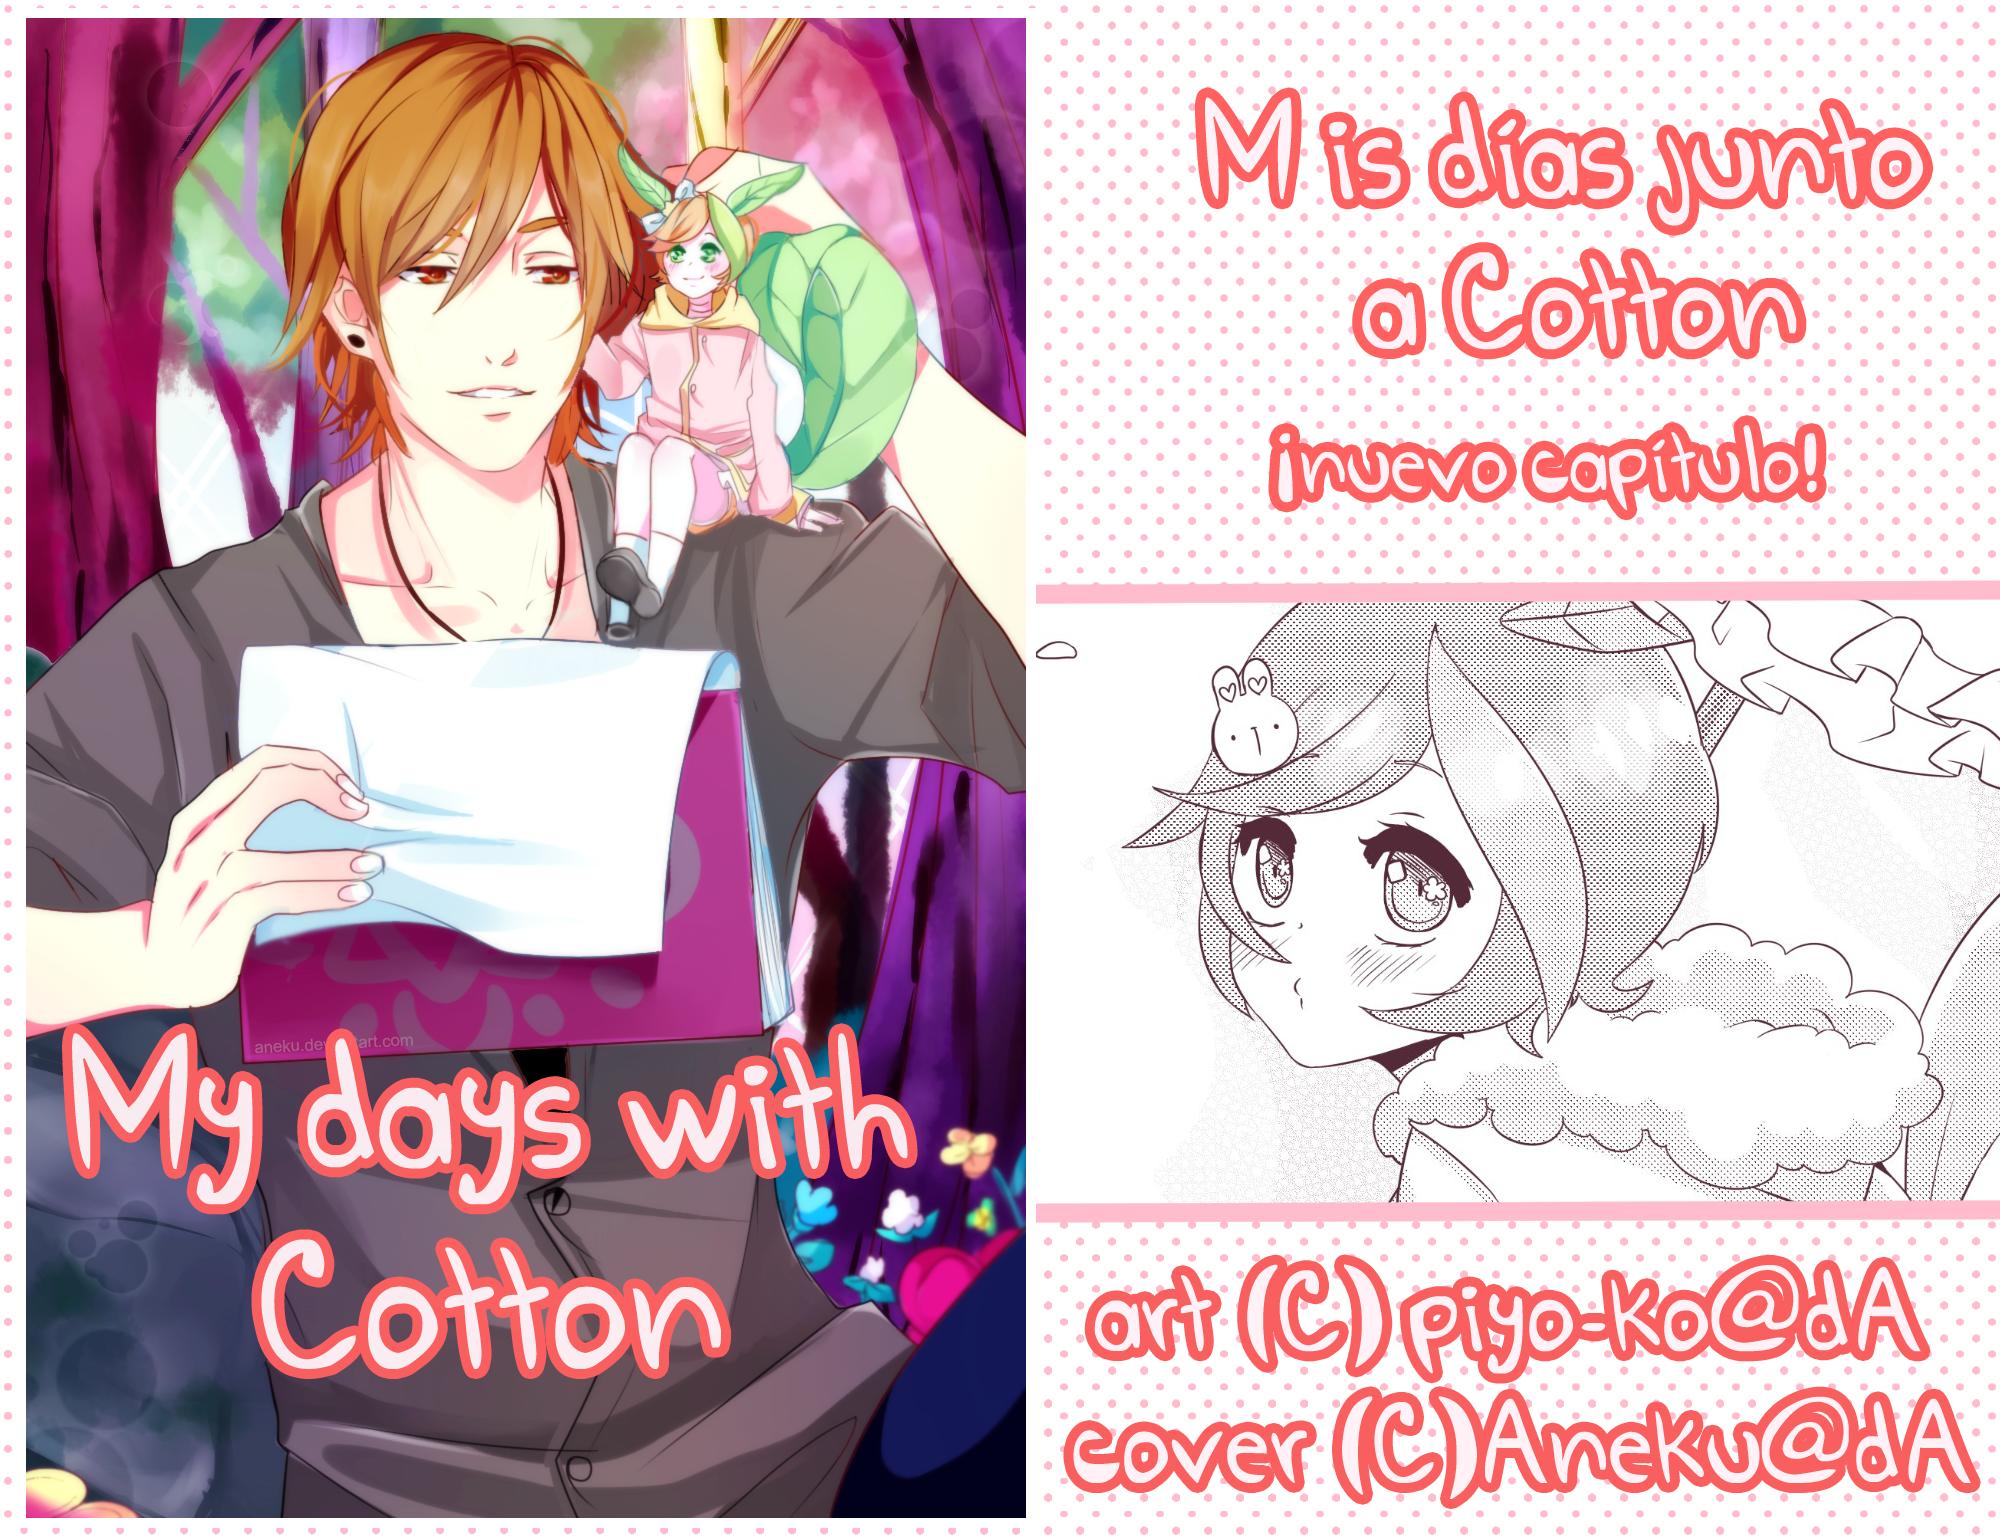 Mis dias junto a Cotton  capitulo 02 esp/eng by piyo-ko